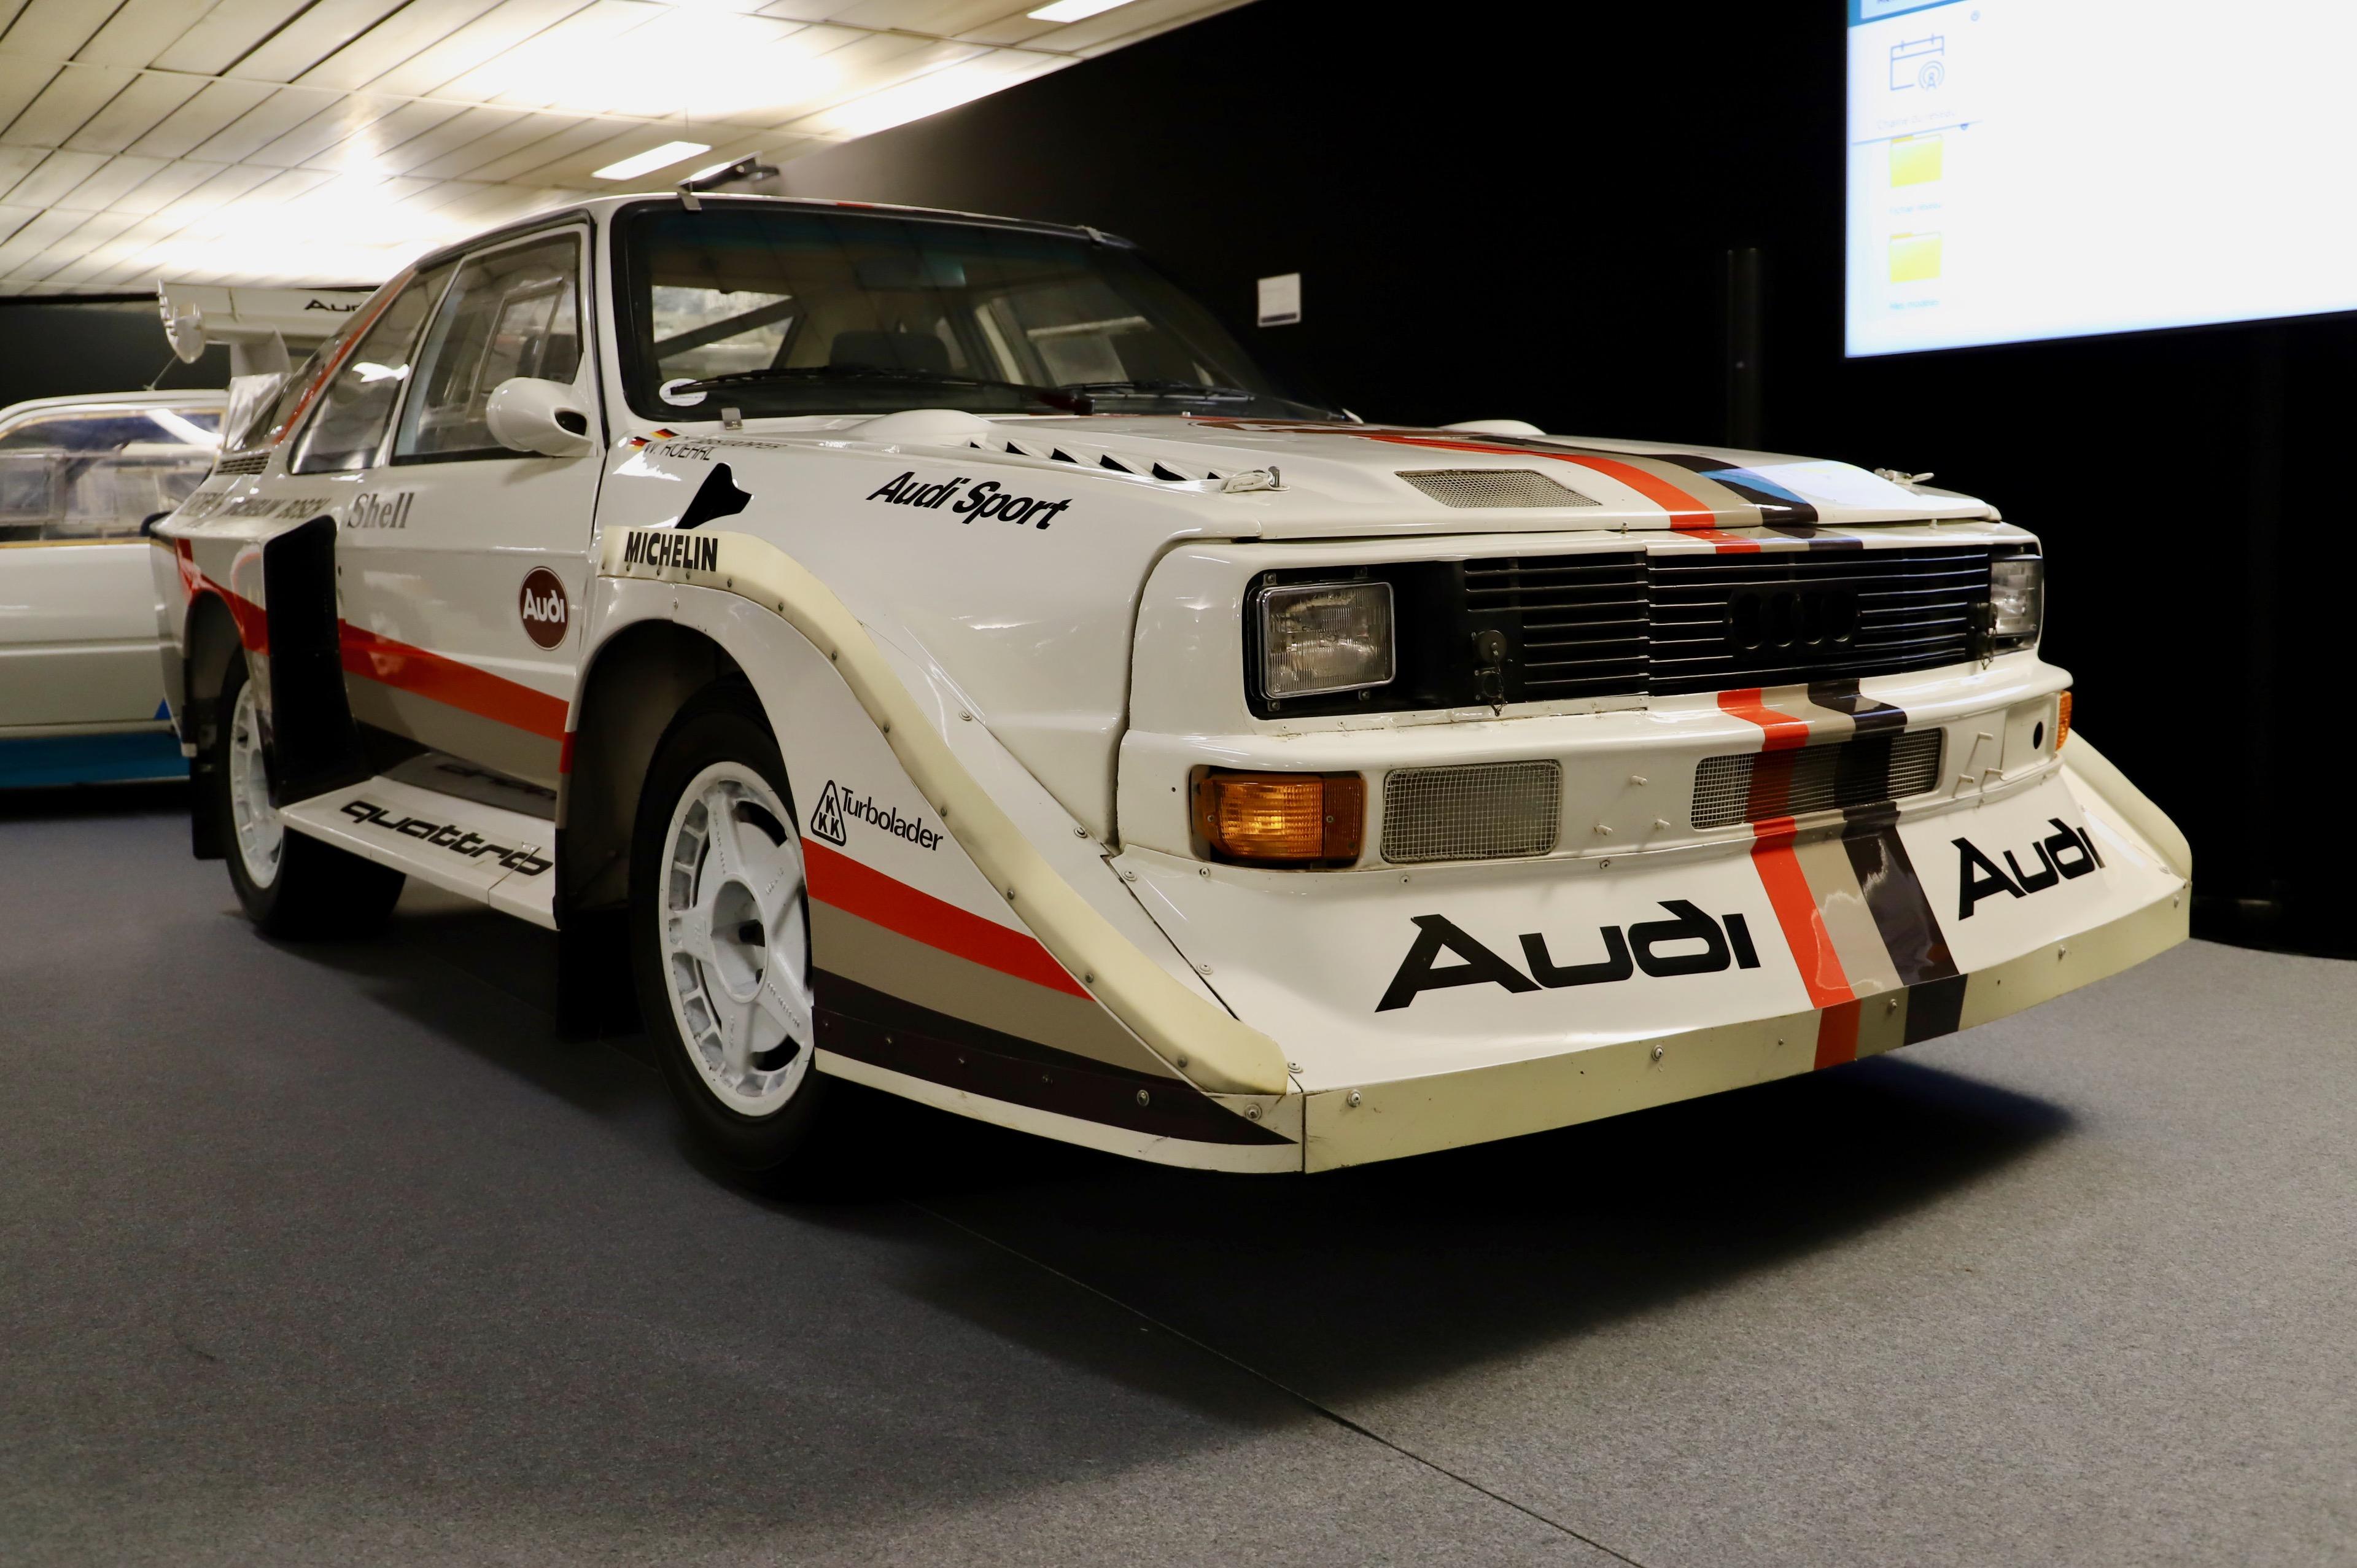 Audi Quattro S1 1988 - front - La Parisienne 2021 - Motorcars Artcurial - photo Ludo Ferrari